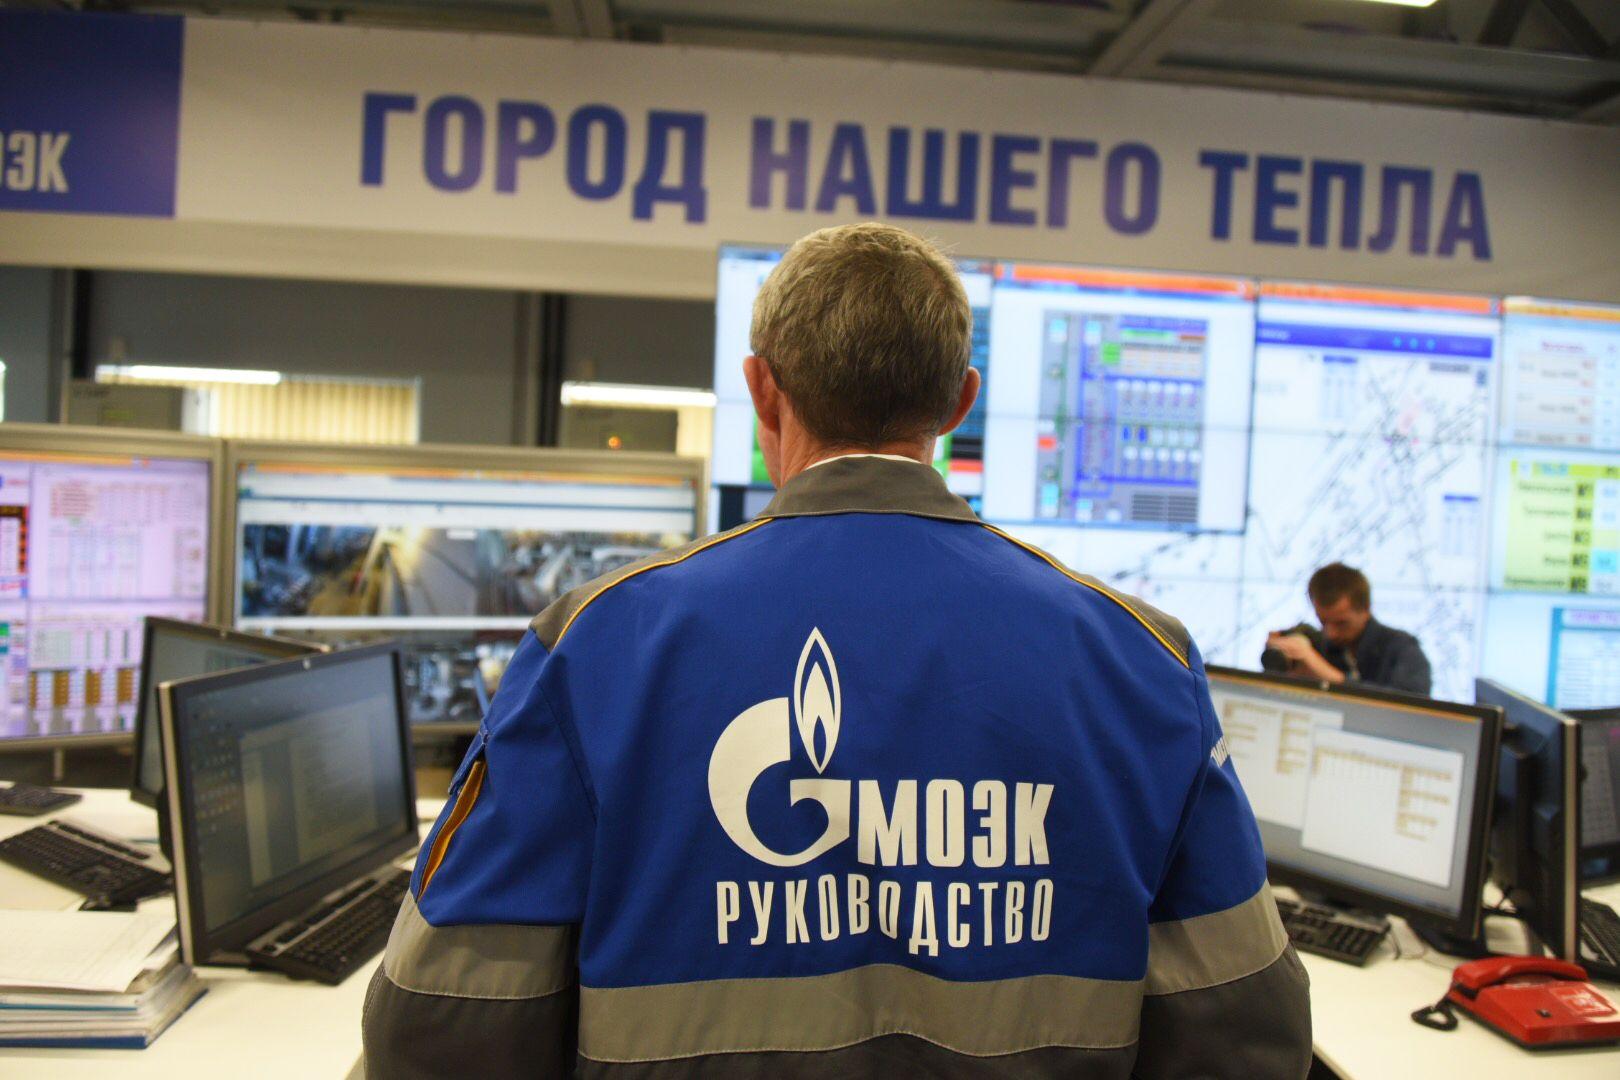 Москвичей призвали сообщать об отсутствии отопления в квартирах